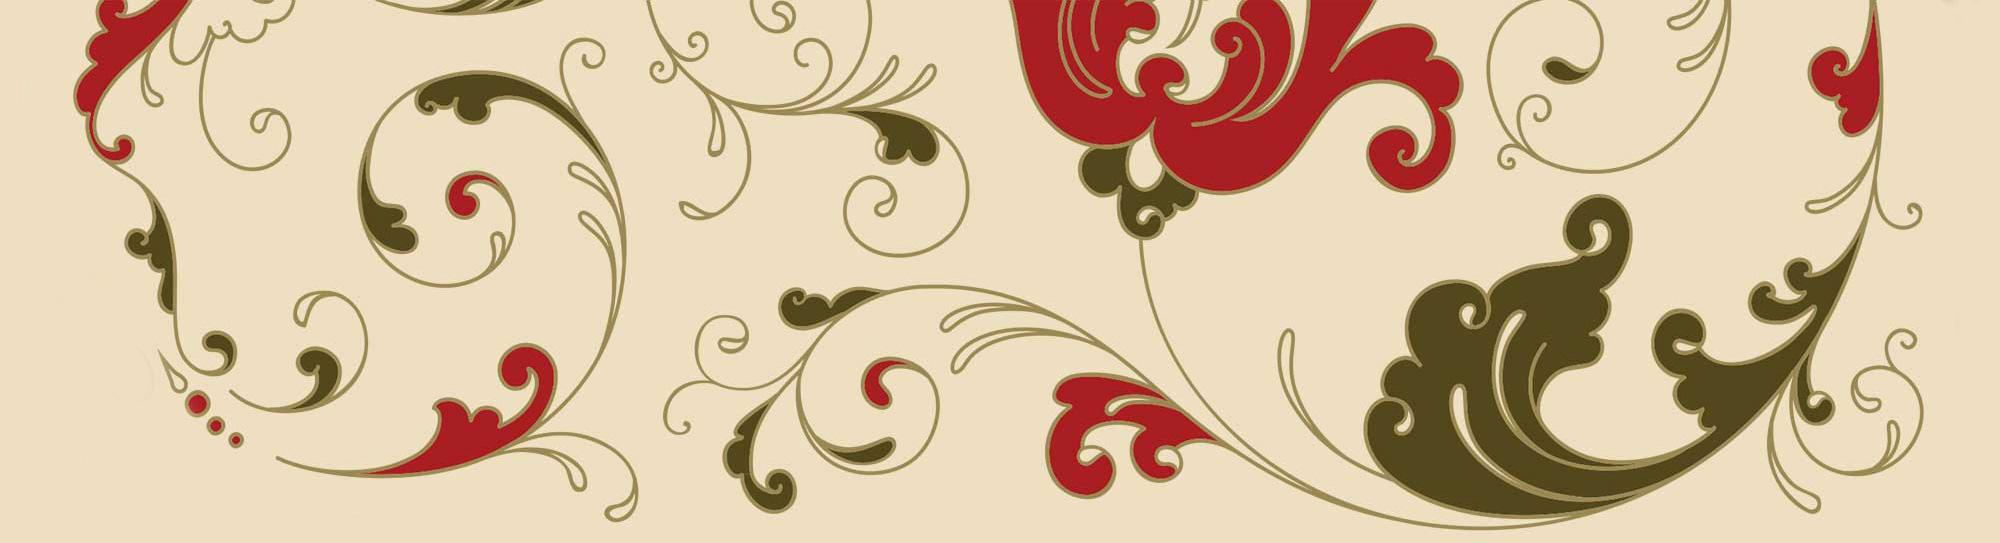 JF-cover-pattern-bottom-flipped-trimmed-2000-2.jpg